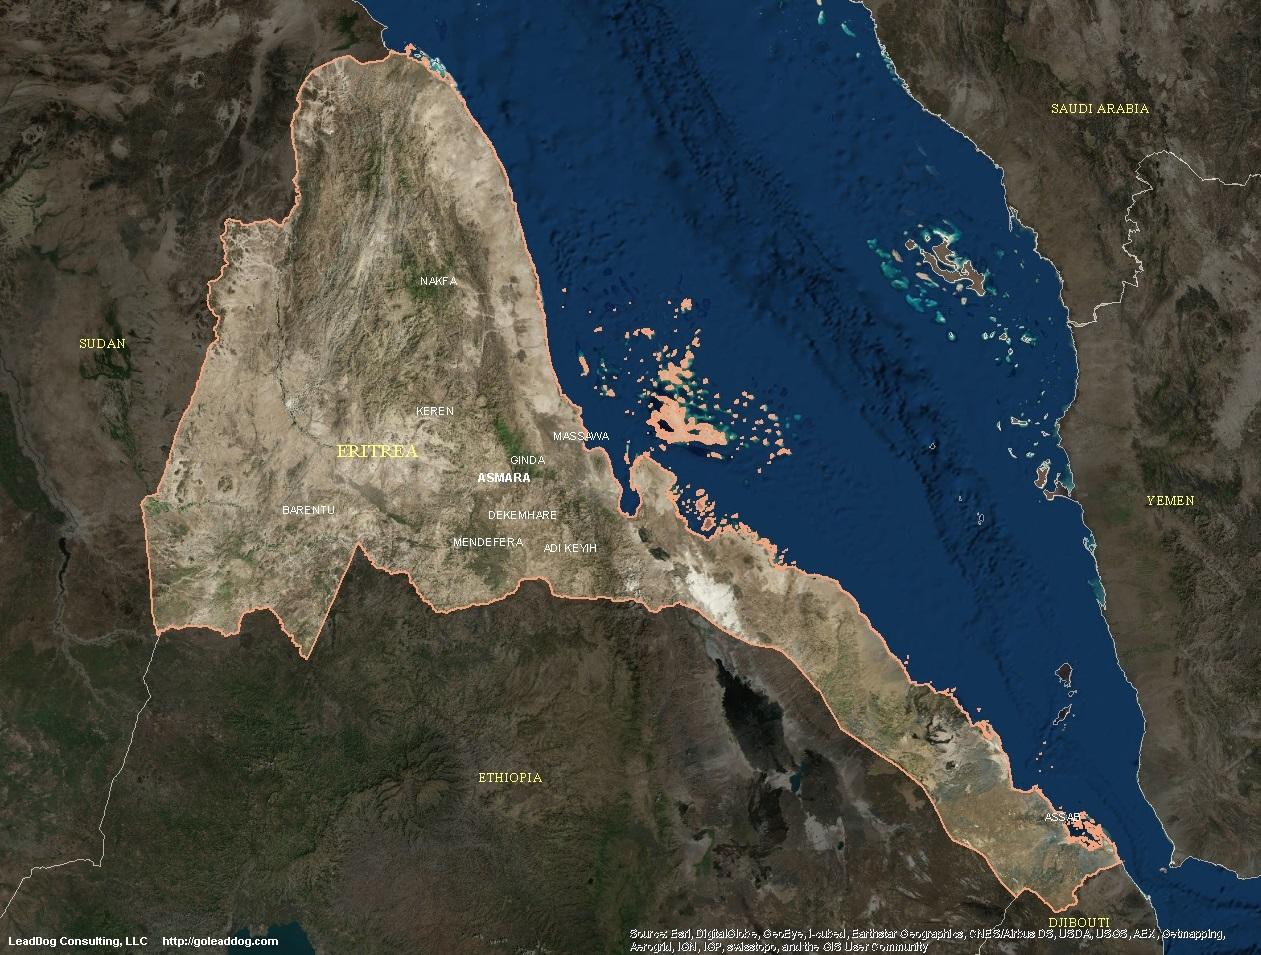 Eritrea Satellite Maps | LeadDog Consulting on capital of ethiopia, afar region ethiopia, elevation of ethiopia, national flag of ethiopia, awash ethiopia, native animal in ethiopia, flora of ethiopia, satellite map kenya, village of ethiopia, city of ethiopia, road map ethiopia, gojjam ethiopia, geographic features of ethiopia, king of ethiopia, food of ethiopia, coordinates of ethiopia, aerial view of ethiopia, sodo ethiopia, nazret ethiopia,